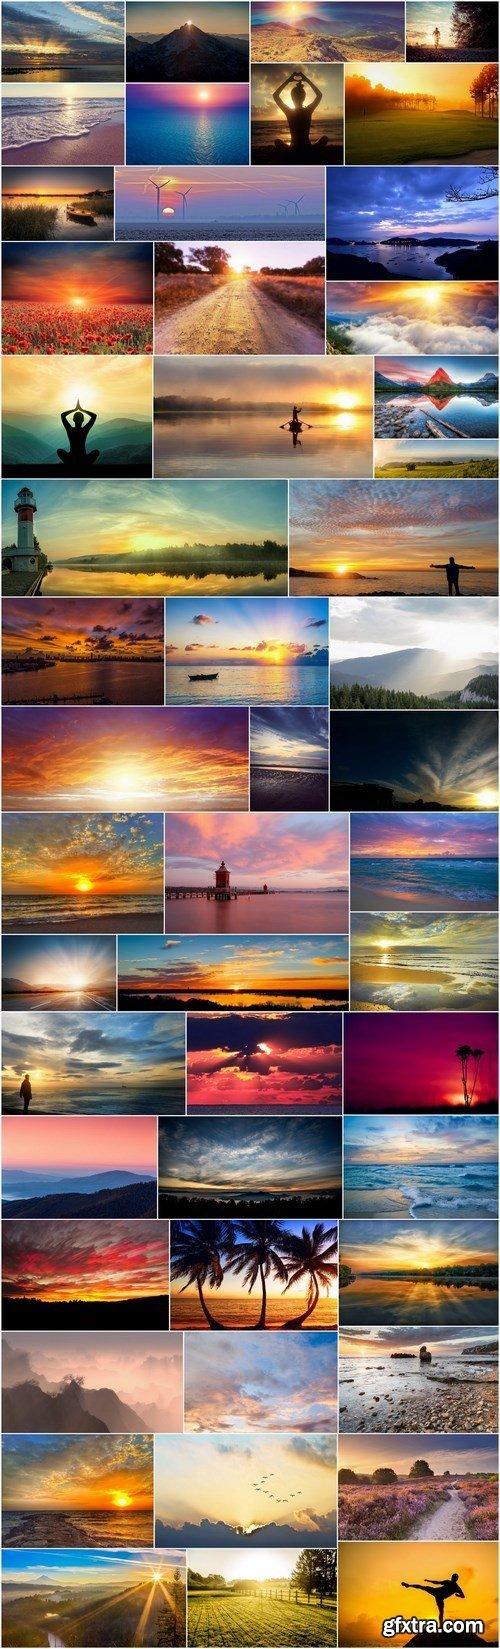 Beautiful sunsets and sunrises - 50xUHQ JPEG